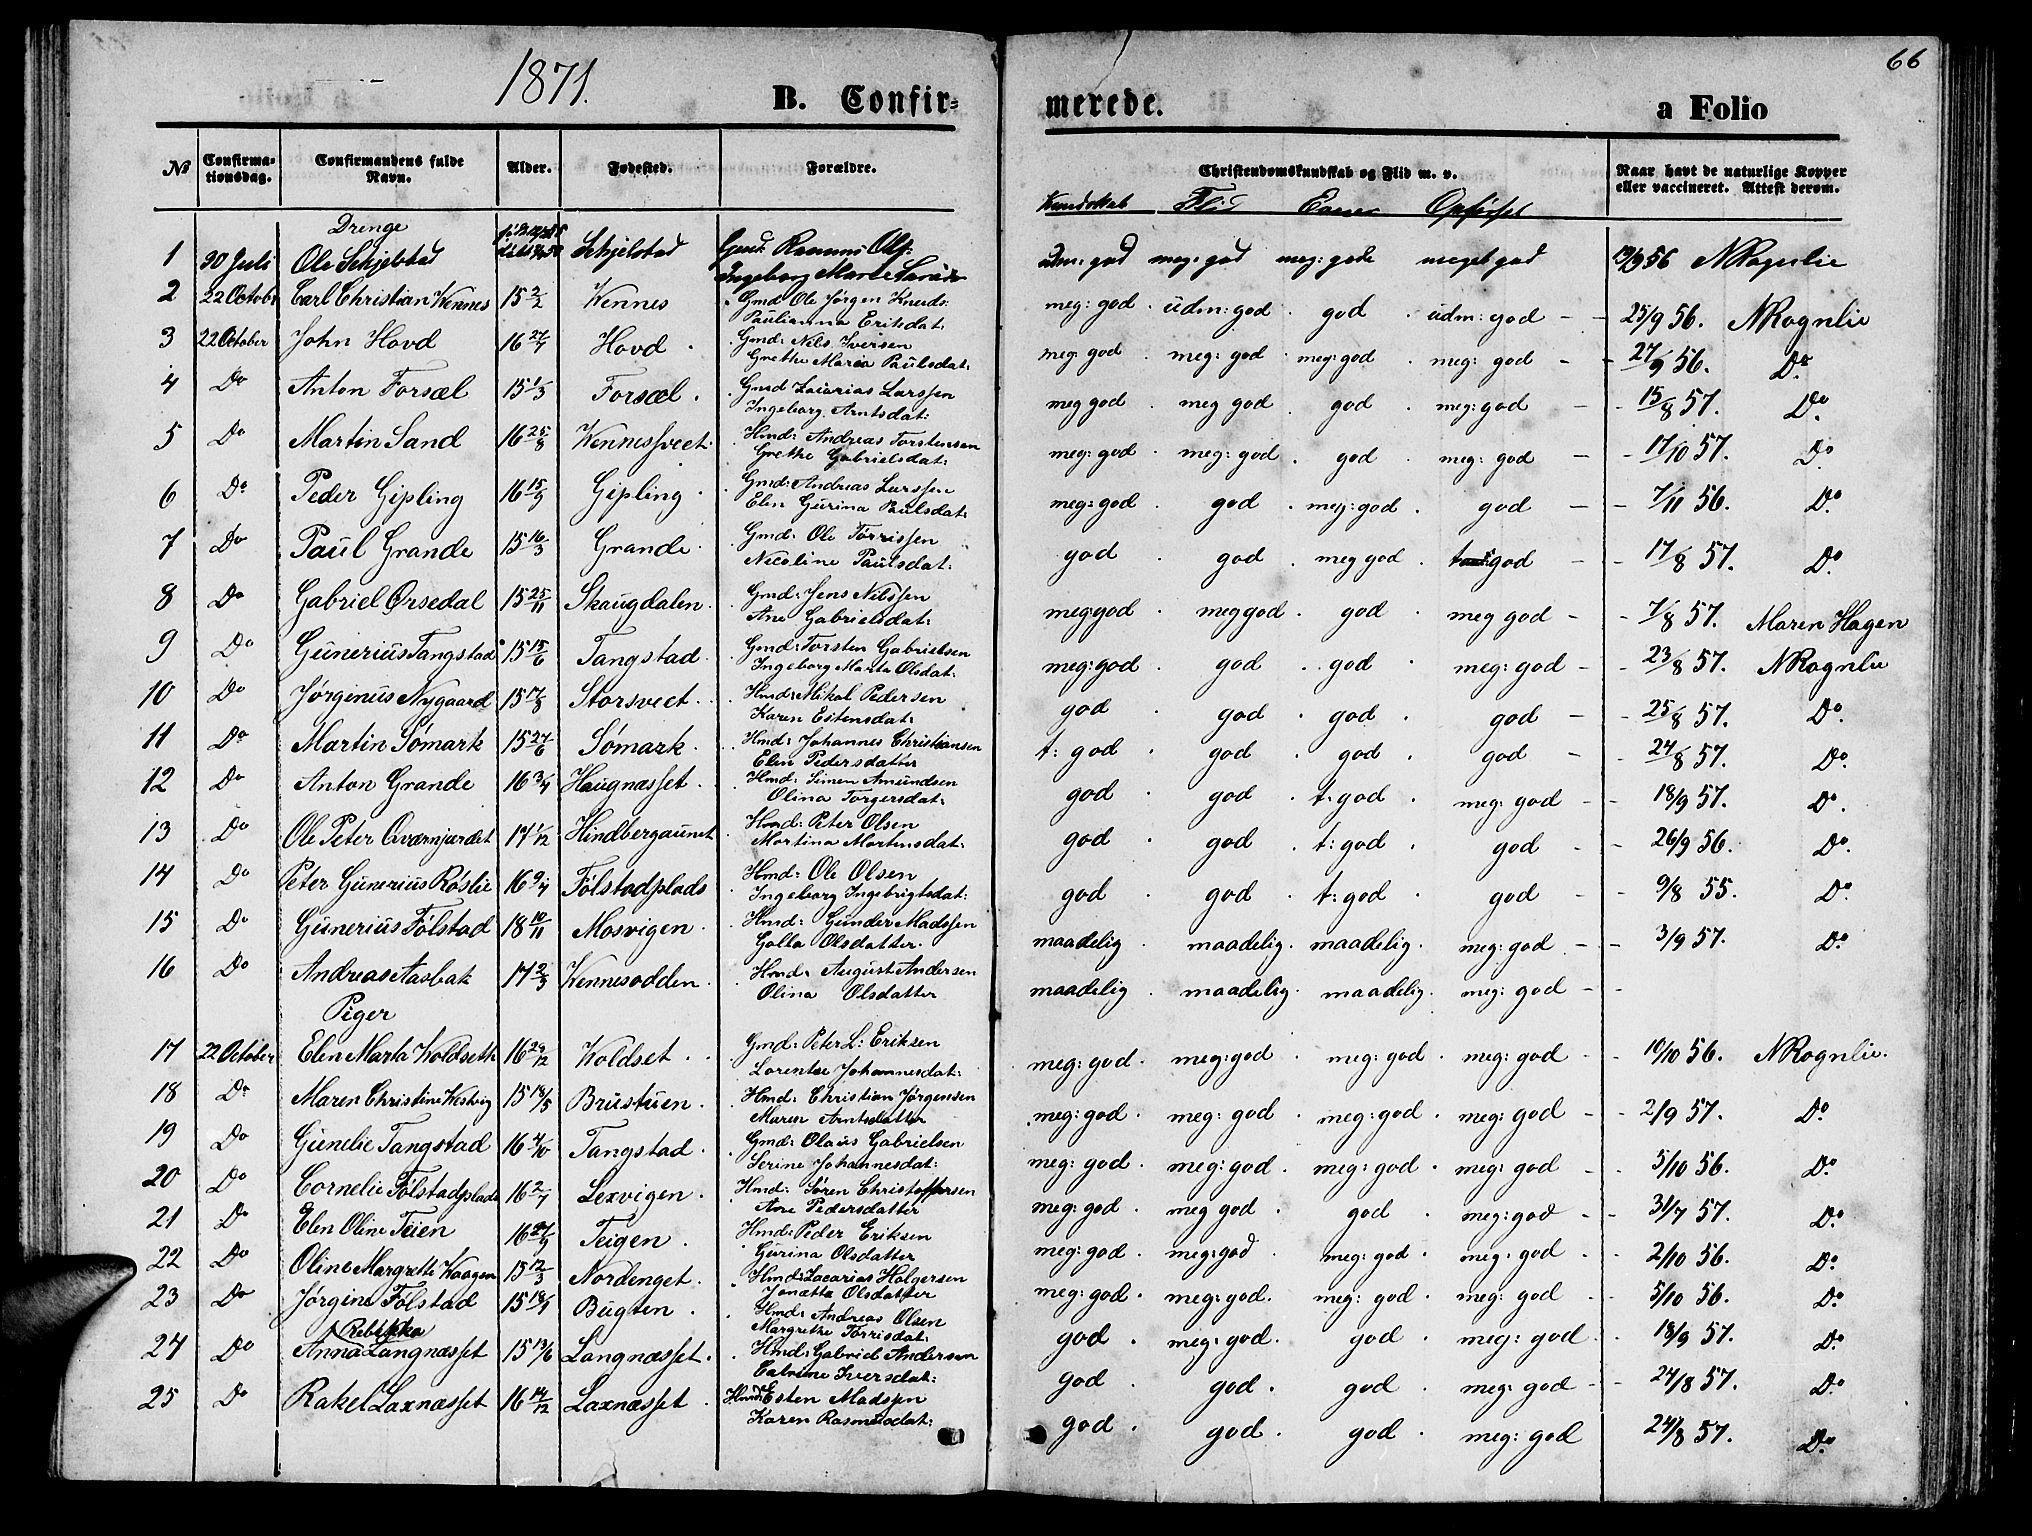 SAT, Ministerialprotokoller, klokkerbøker og fødselsregistre - Nord-Trøndelag, 744/L0422: Klokkerbok nr. 744C01, 1871-1885, s. 66